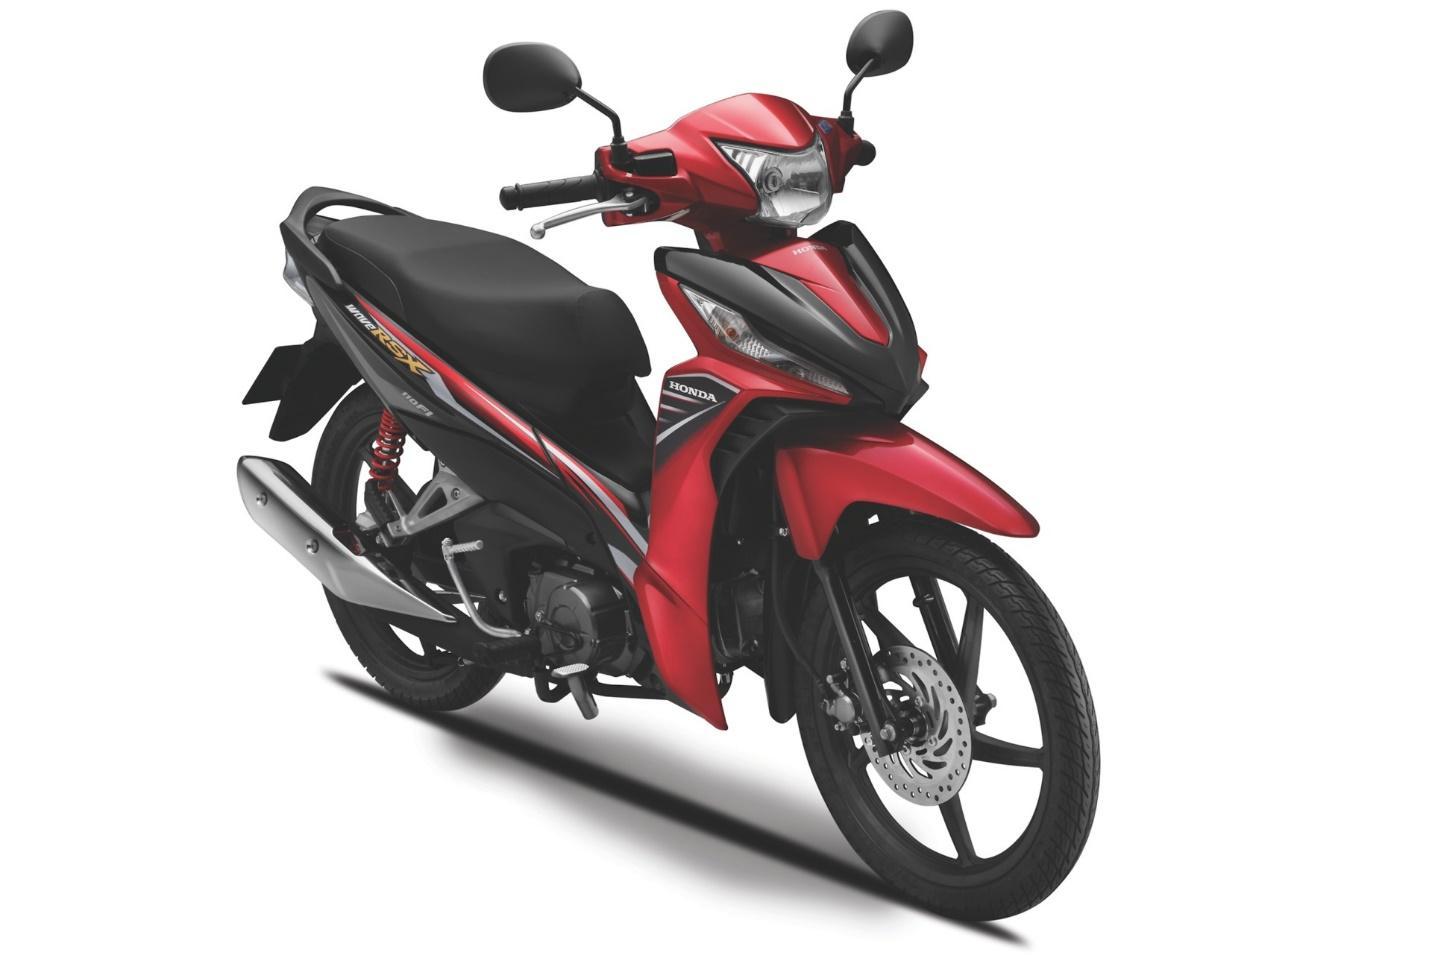 Nơi đâu cho thuê xe máy với chất lượng tốt nhất tại Quy Nhơn?